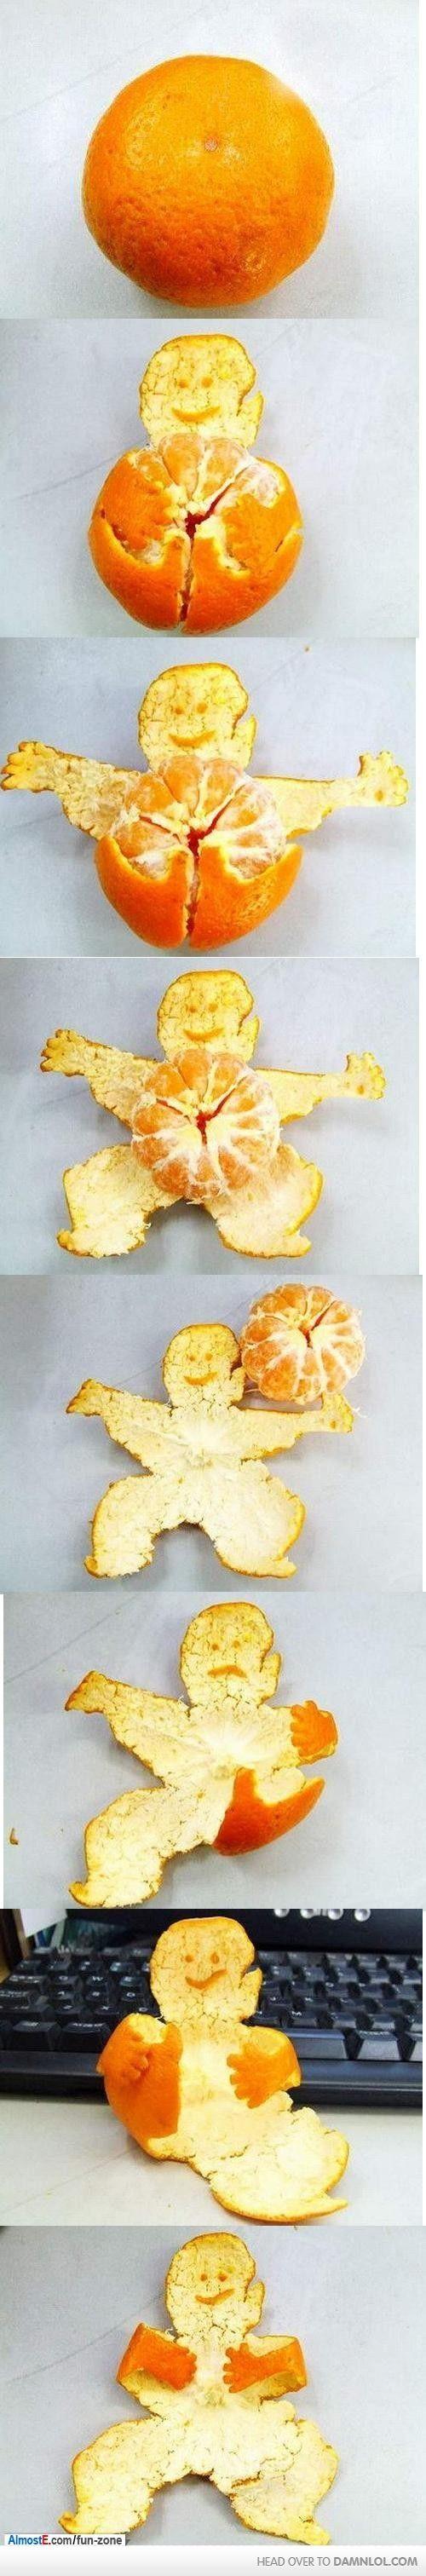 Forever An Orange Skin